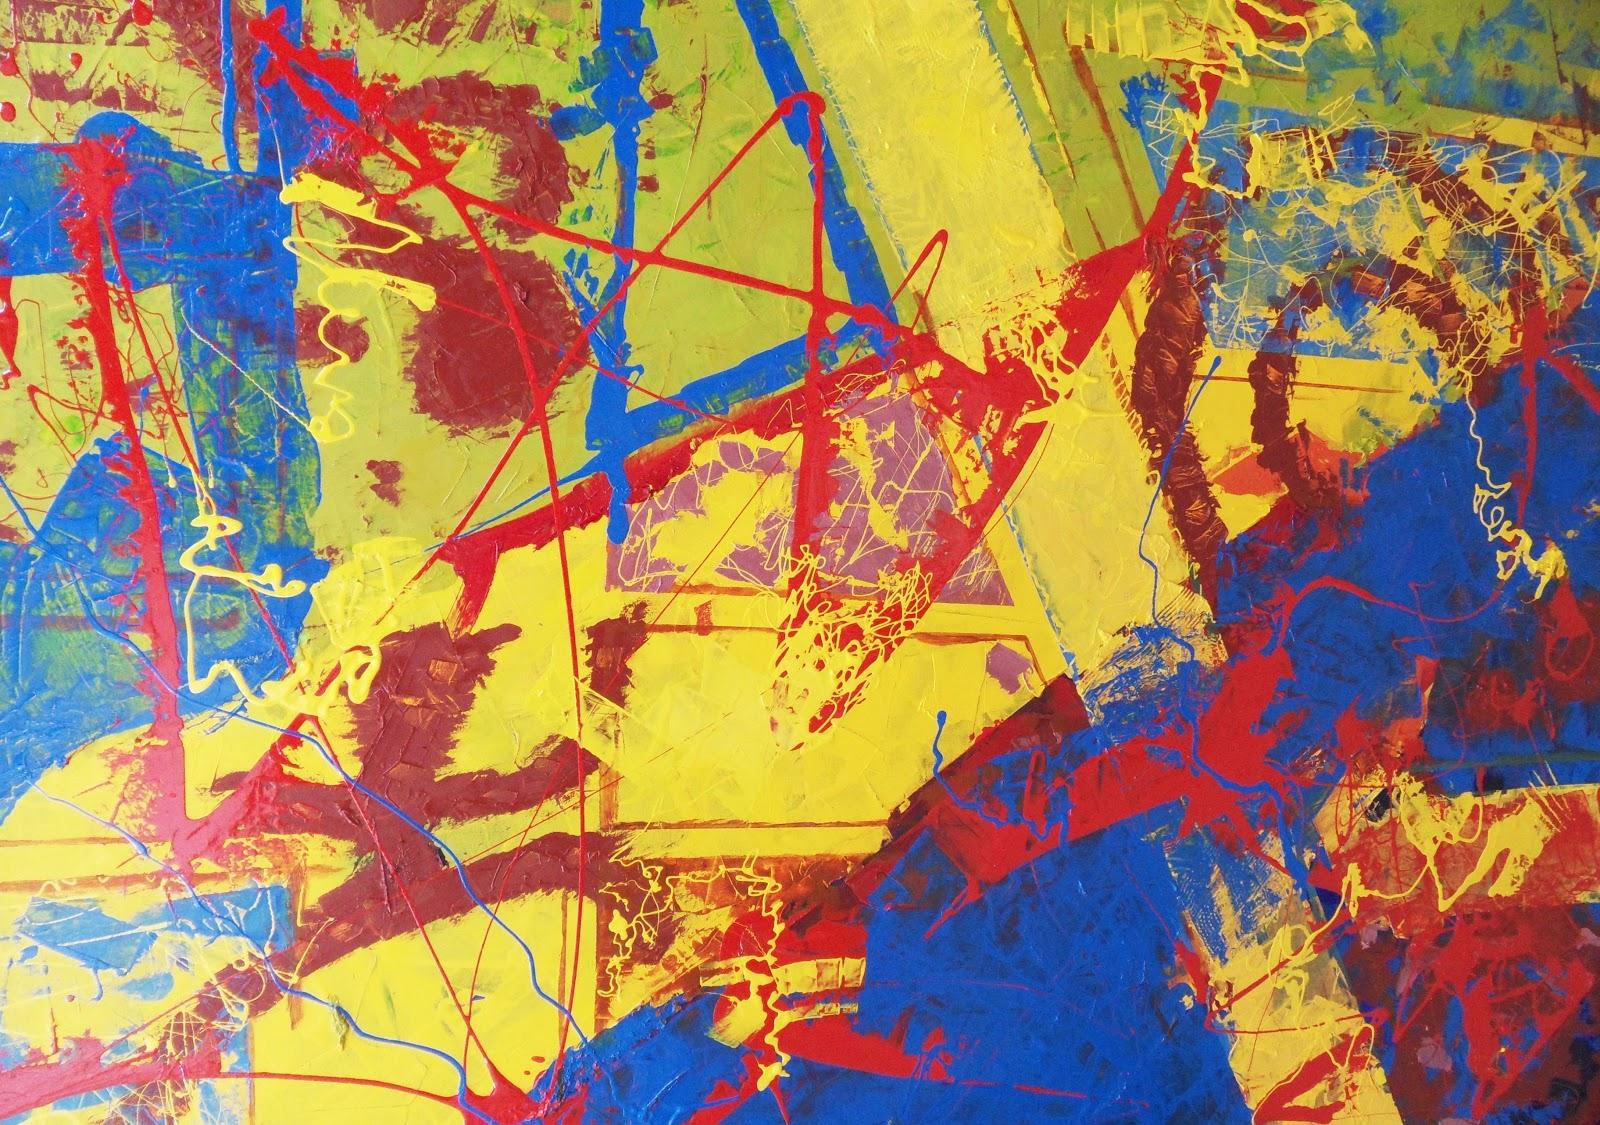 Pinturas cuadros lienzos pinturas modernas - Pintura cuadros modernos ...